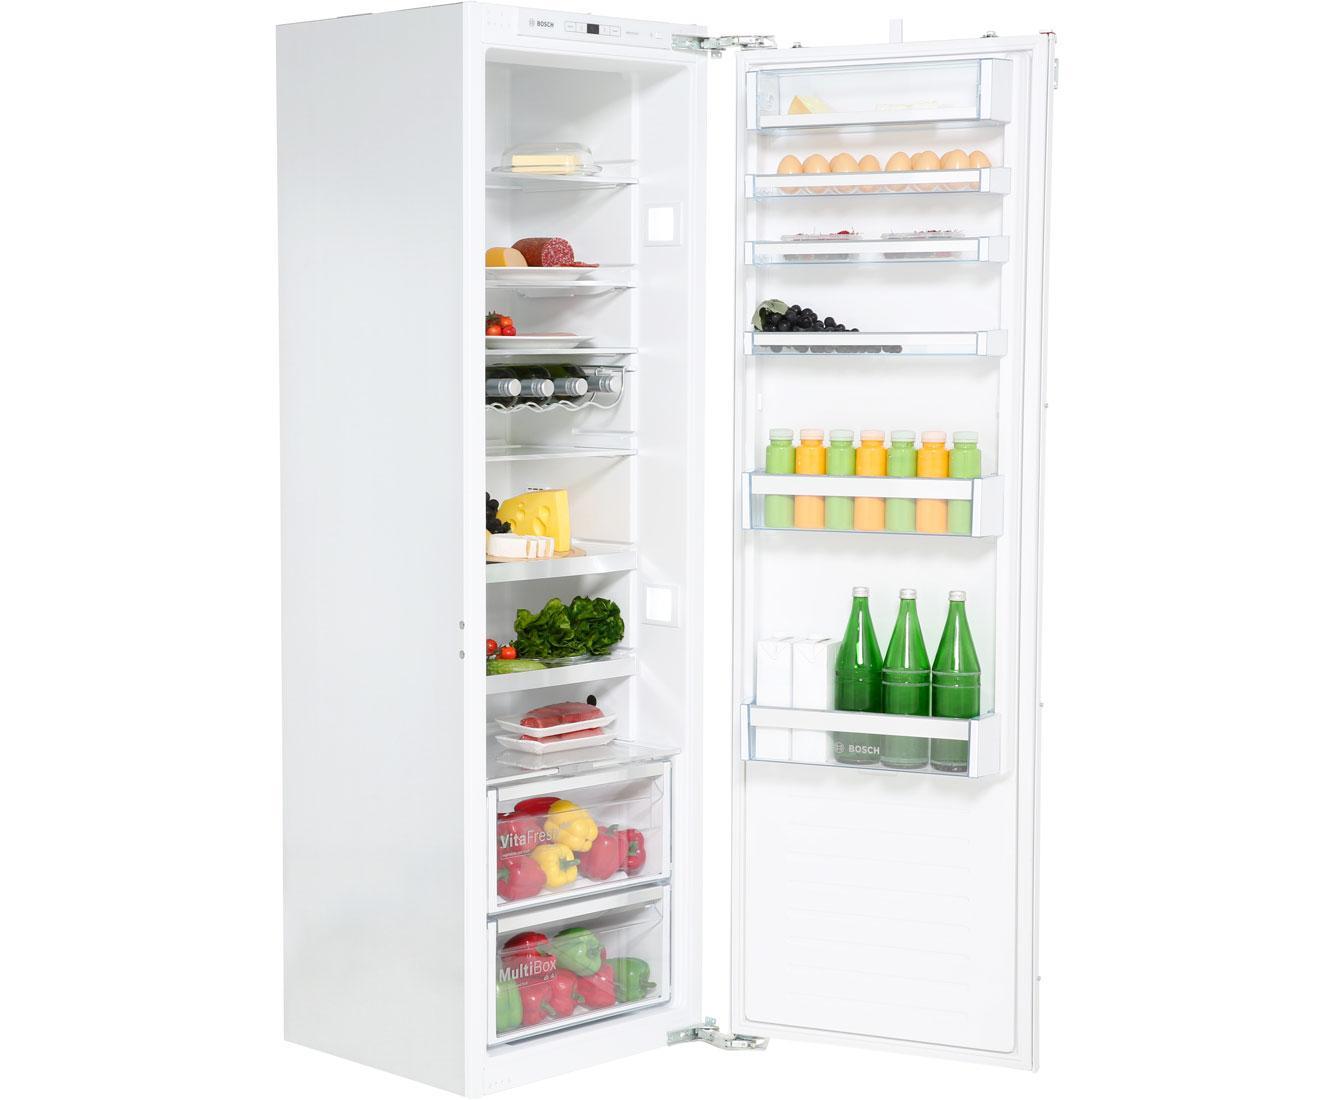 inbouw koelkast deur op deur systeem